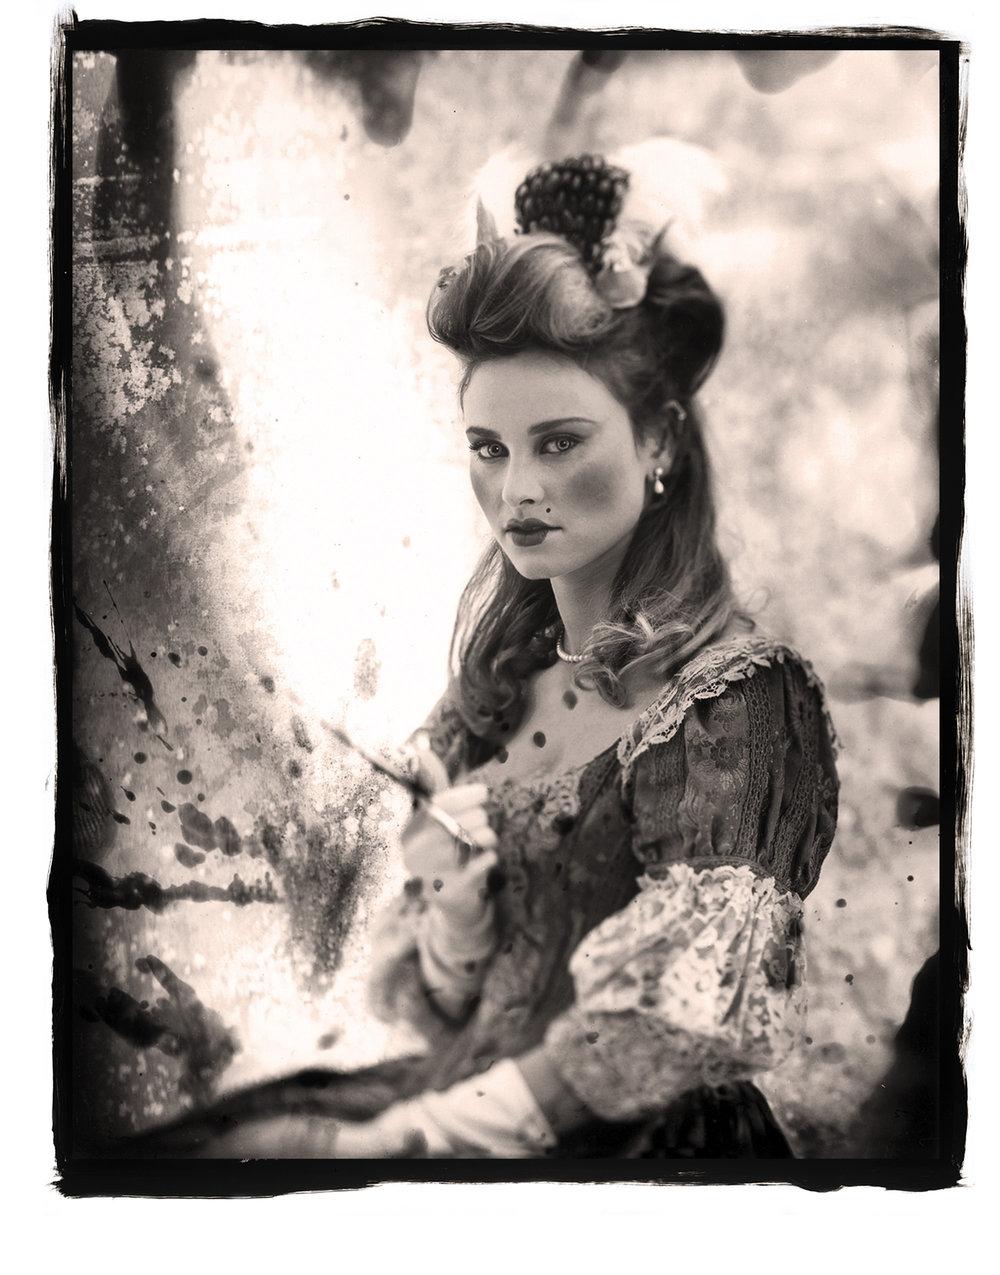 Princess collage by Kimball Hall